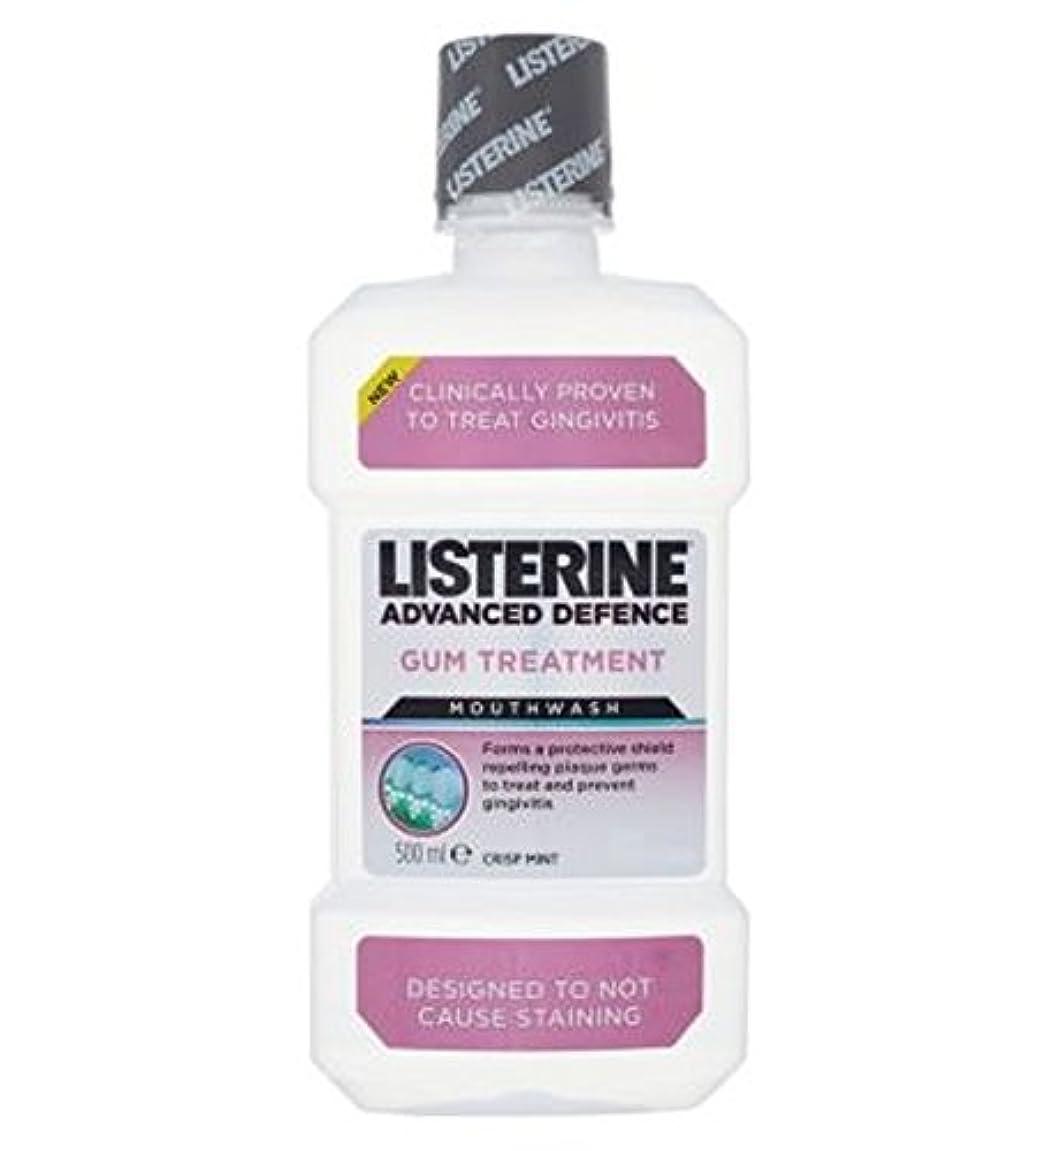 事実透明に乳剤Listerine Advanced Defence Gum Treatment Mouthwash Crisp Mint 500ml - リステリン高度な防衛ガム処理マウスウォッシュさわやかなミントの500ミリリットル...